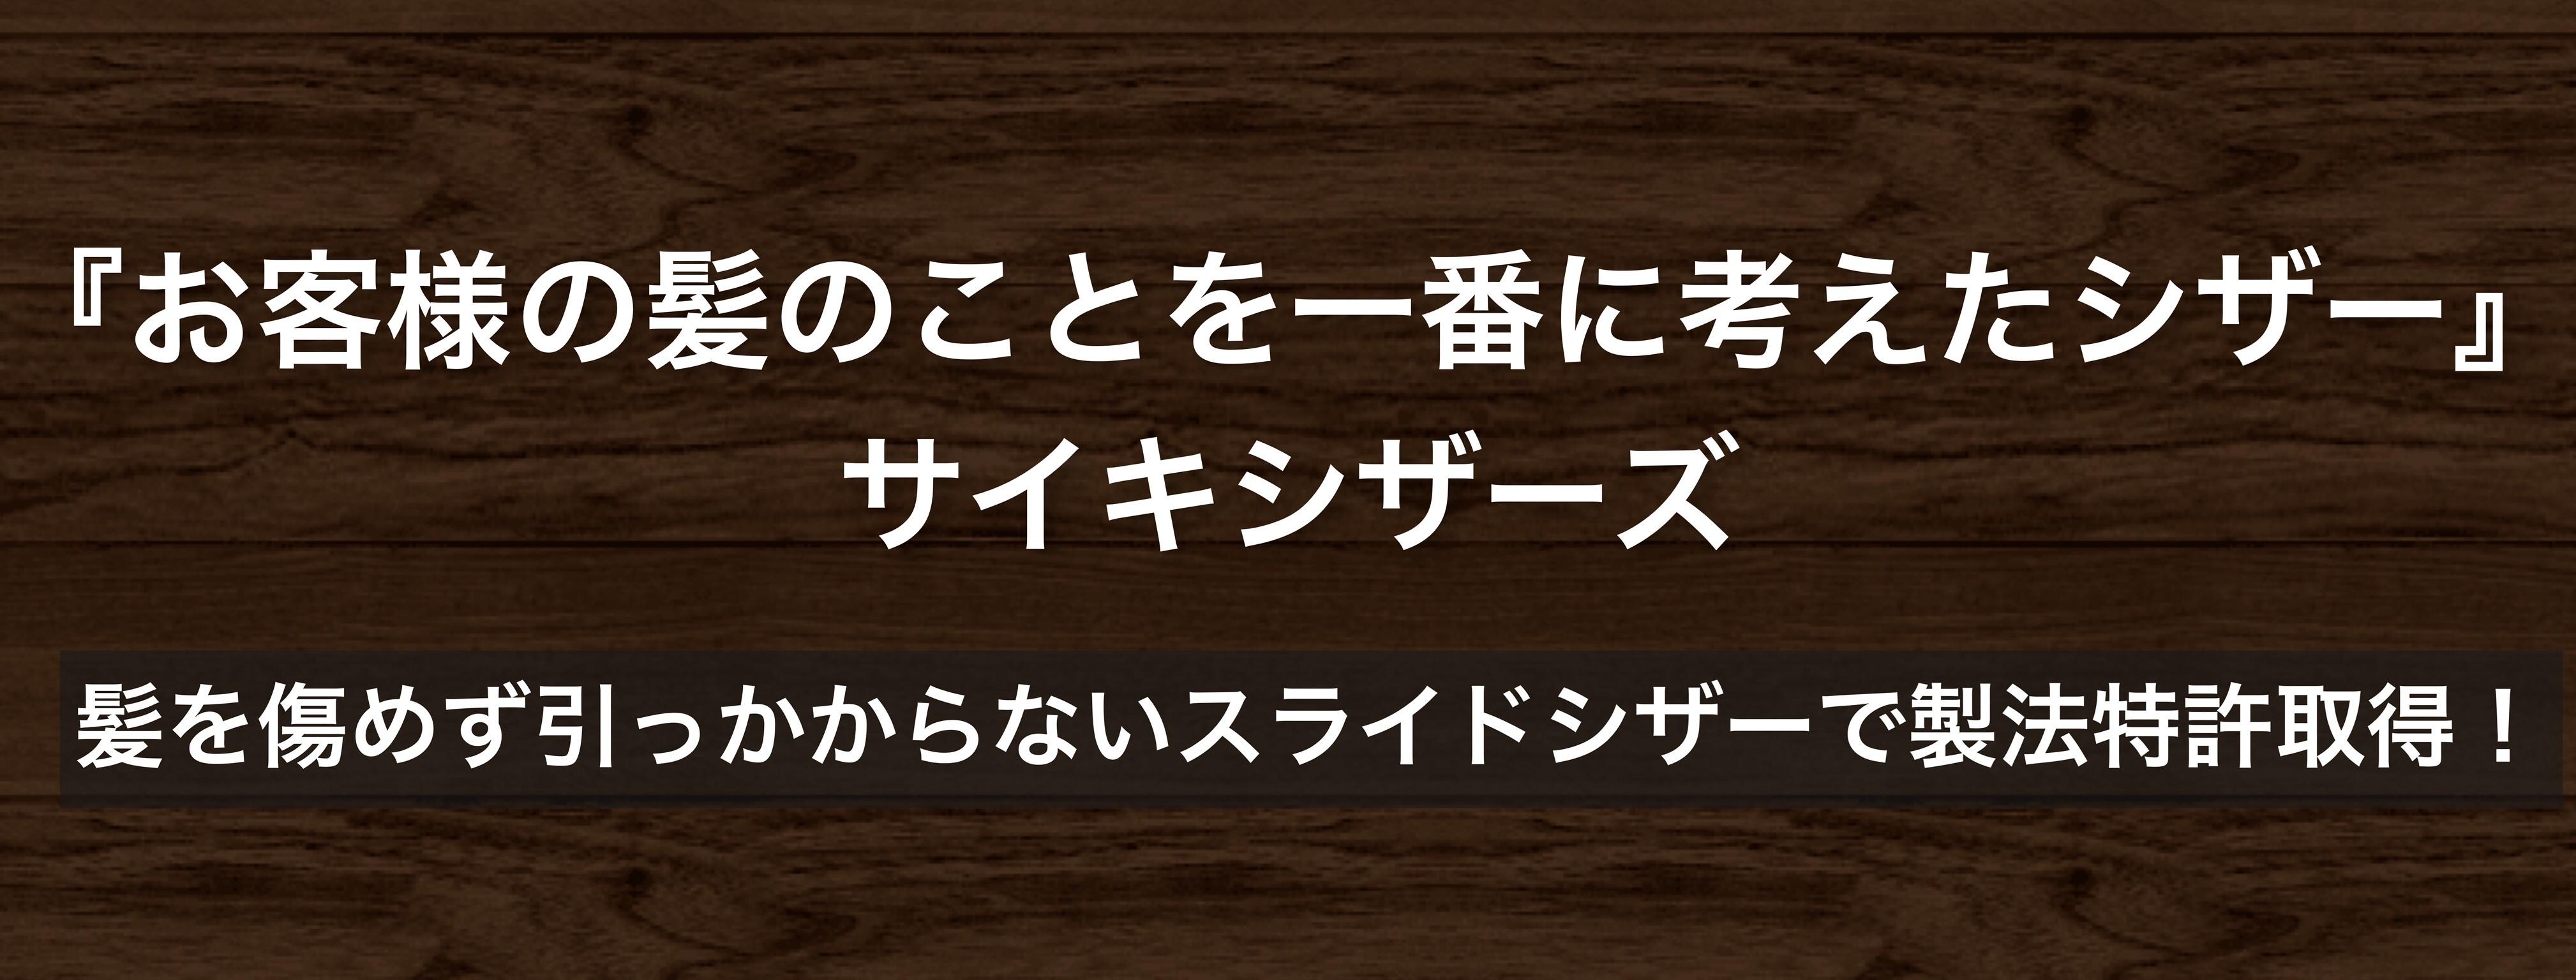 トップページタイトル.JPG